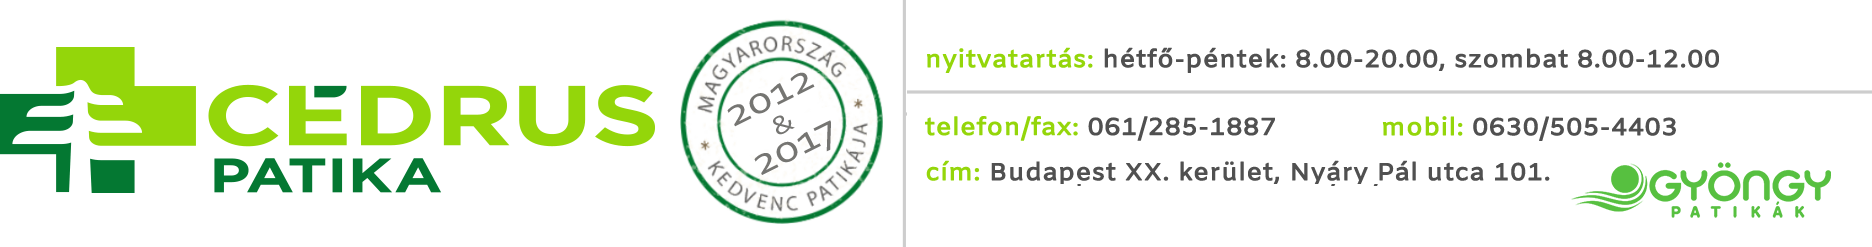 Cédrus Patika